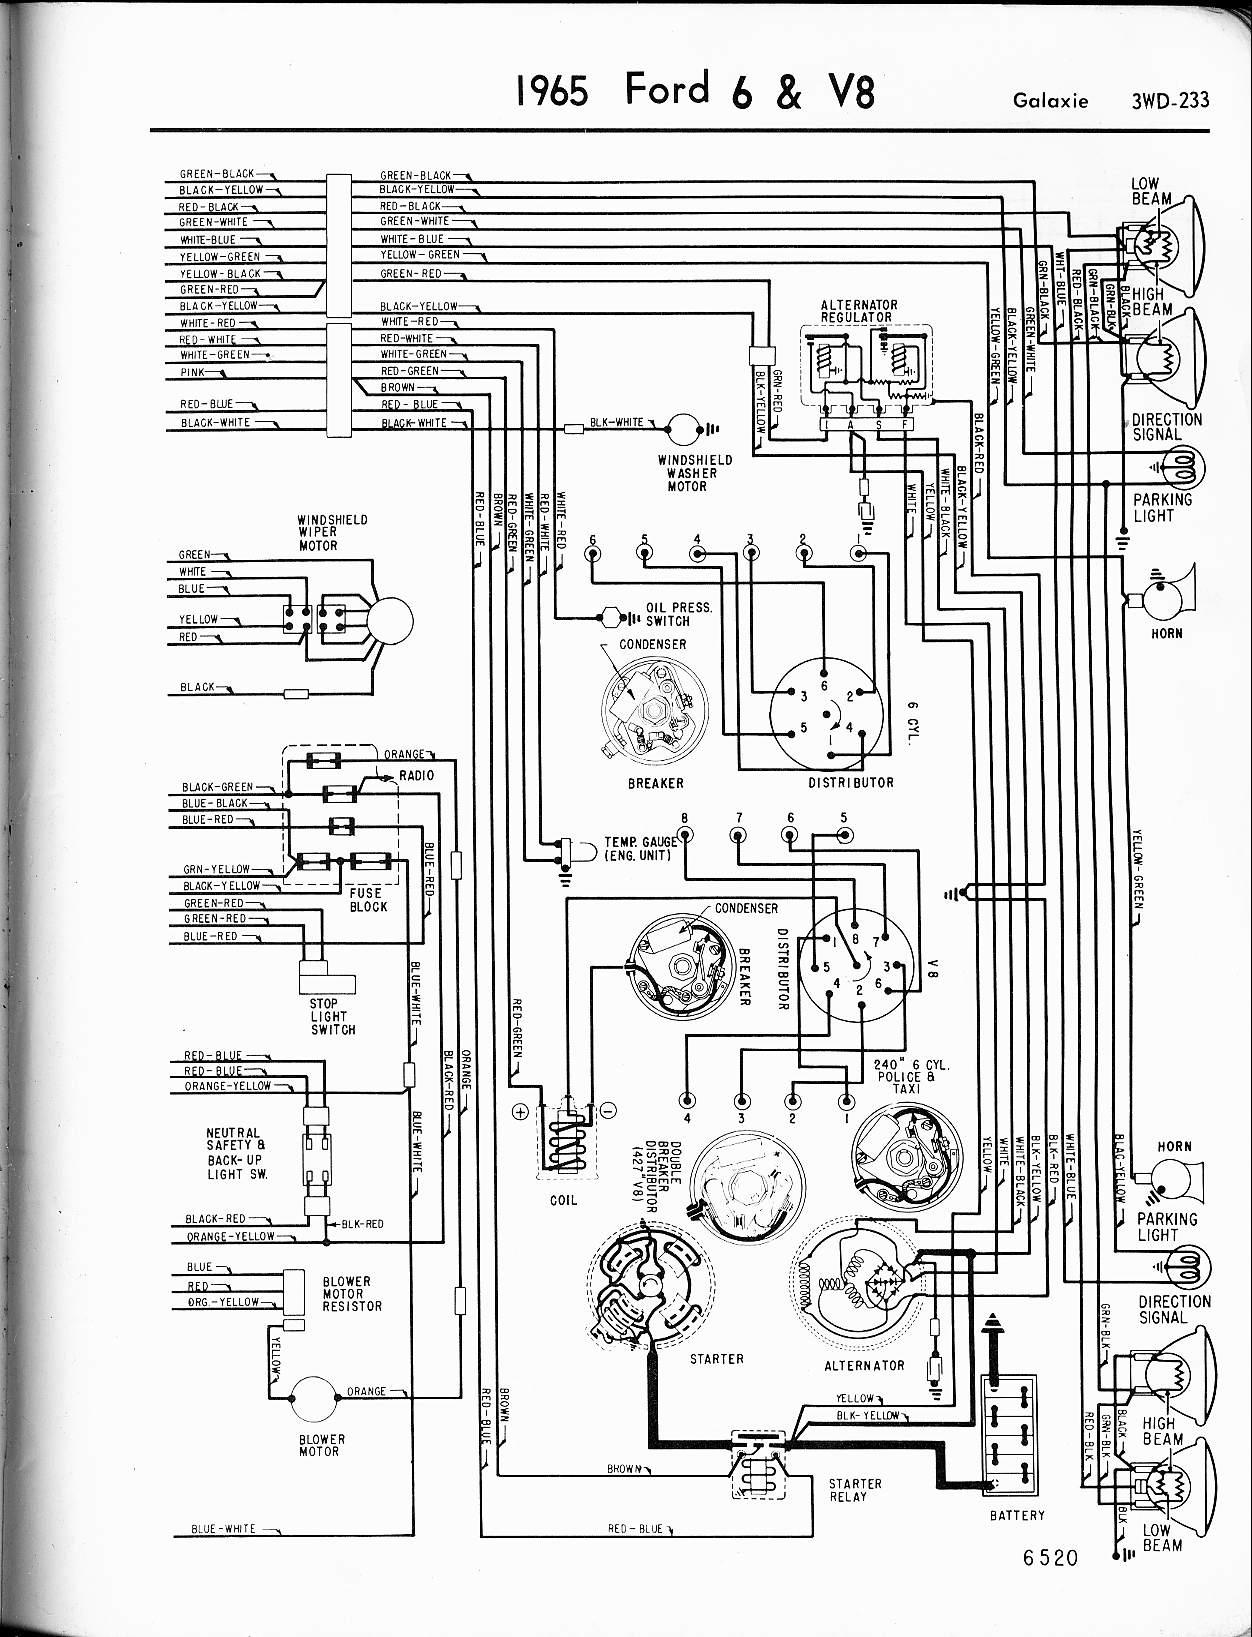 Gmdlbp Wiring Diagram Gmdlbp Wiring Diagram - Wiring Diagrams